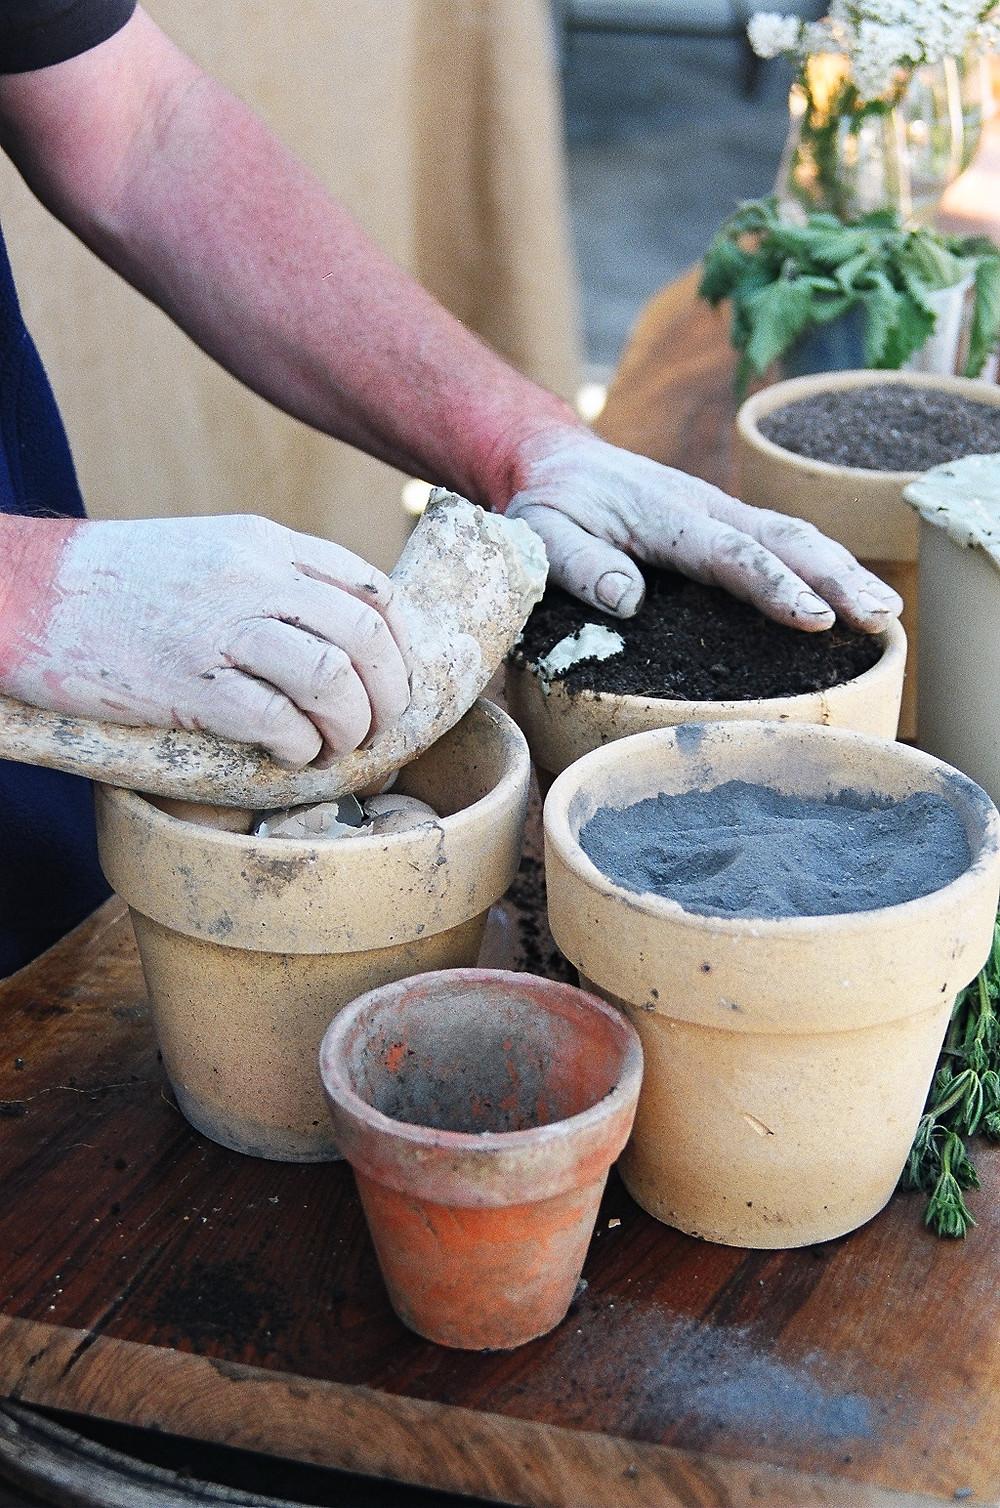 """biodinamica: solo specifici """"preparati"""" usati sui terreni e sulle piante per stimolare il suolo e curare la salute delle piante e la loro qualità."""